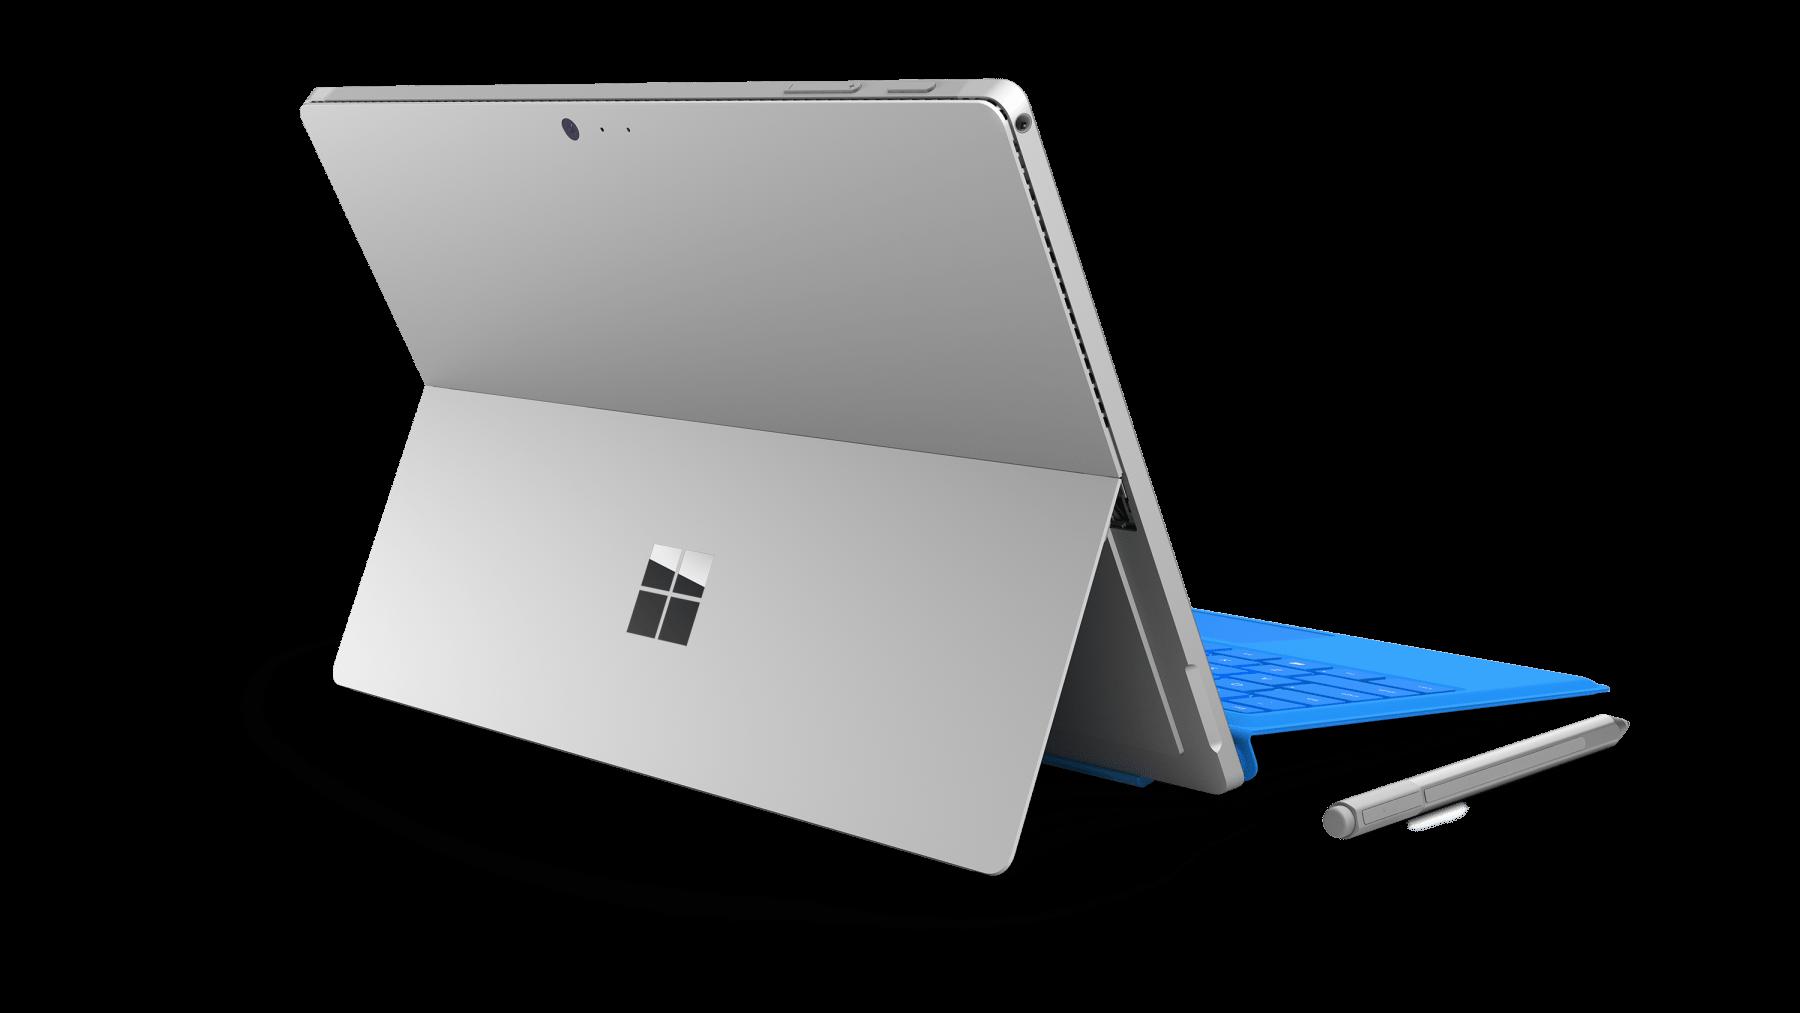 Surface-Pro-4-image-2-1